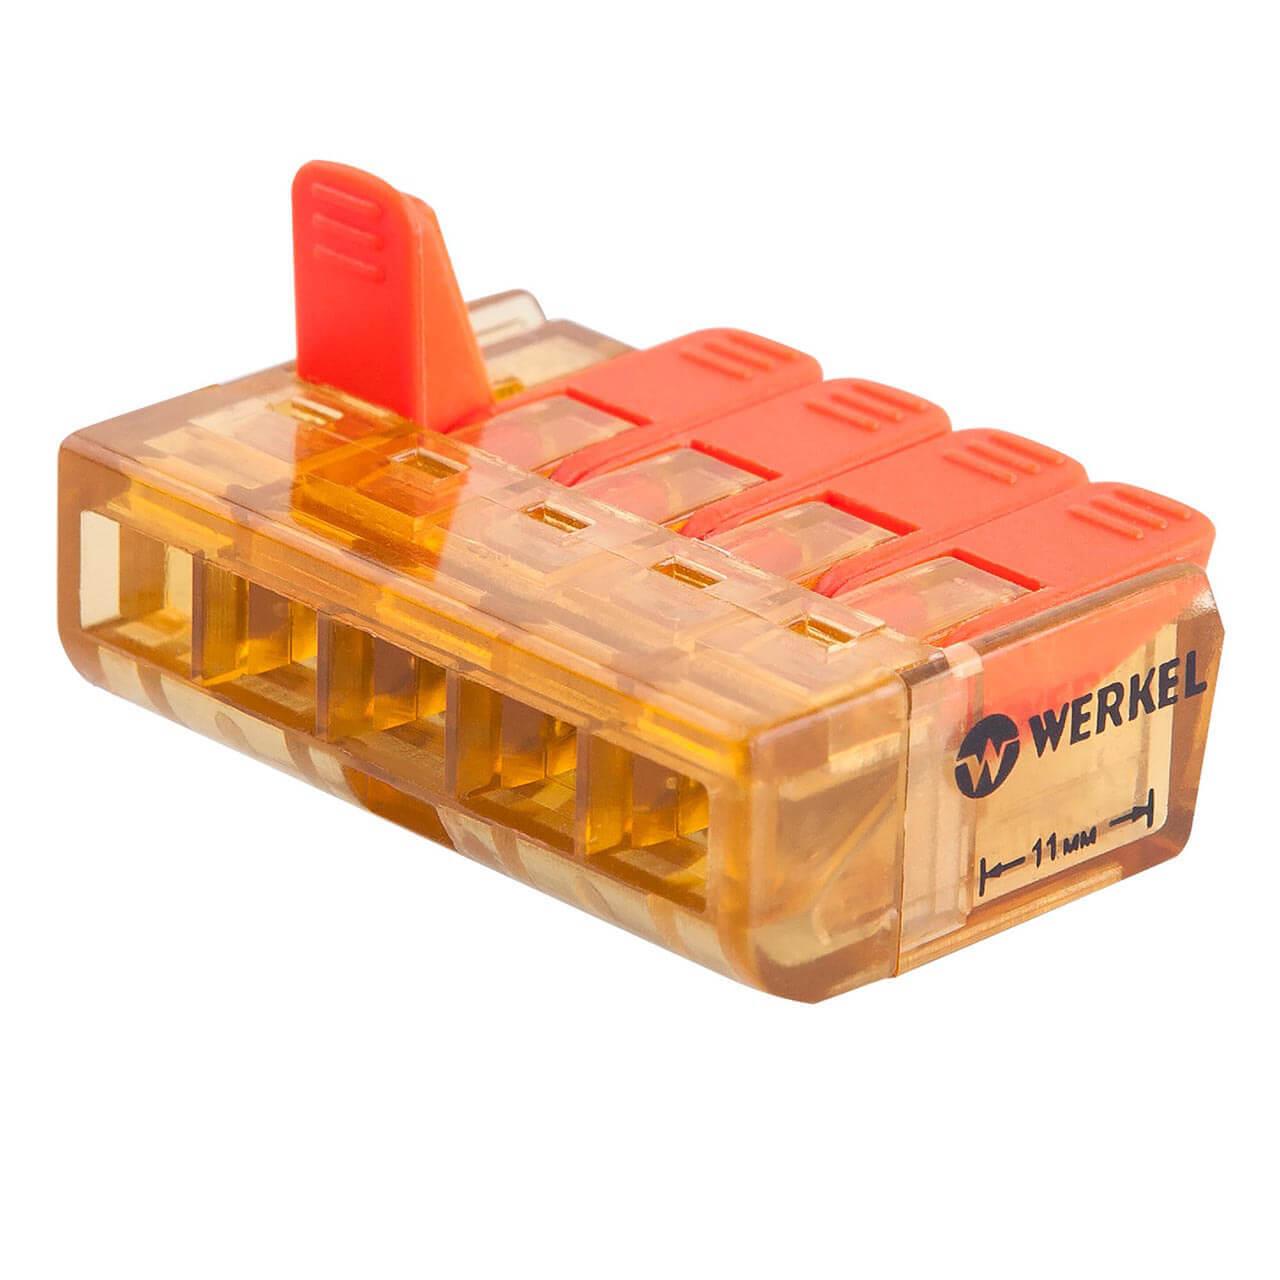 Клемма соединительная Werkel 5-проводная 5 шт TR-02-05 14690389107372 клемма соединительная werkel 3 проводная 5 шт tr 02 02 14690389107358